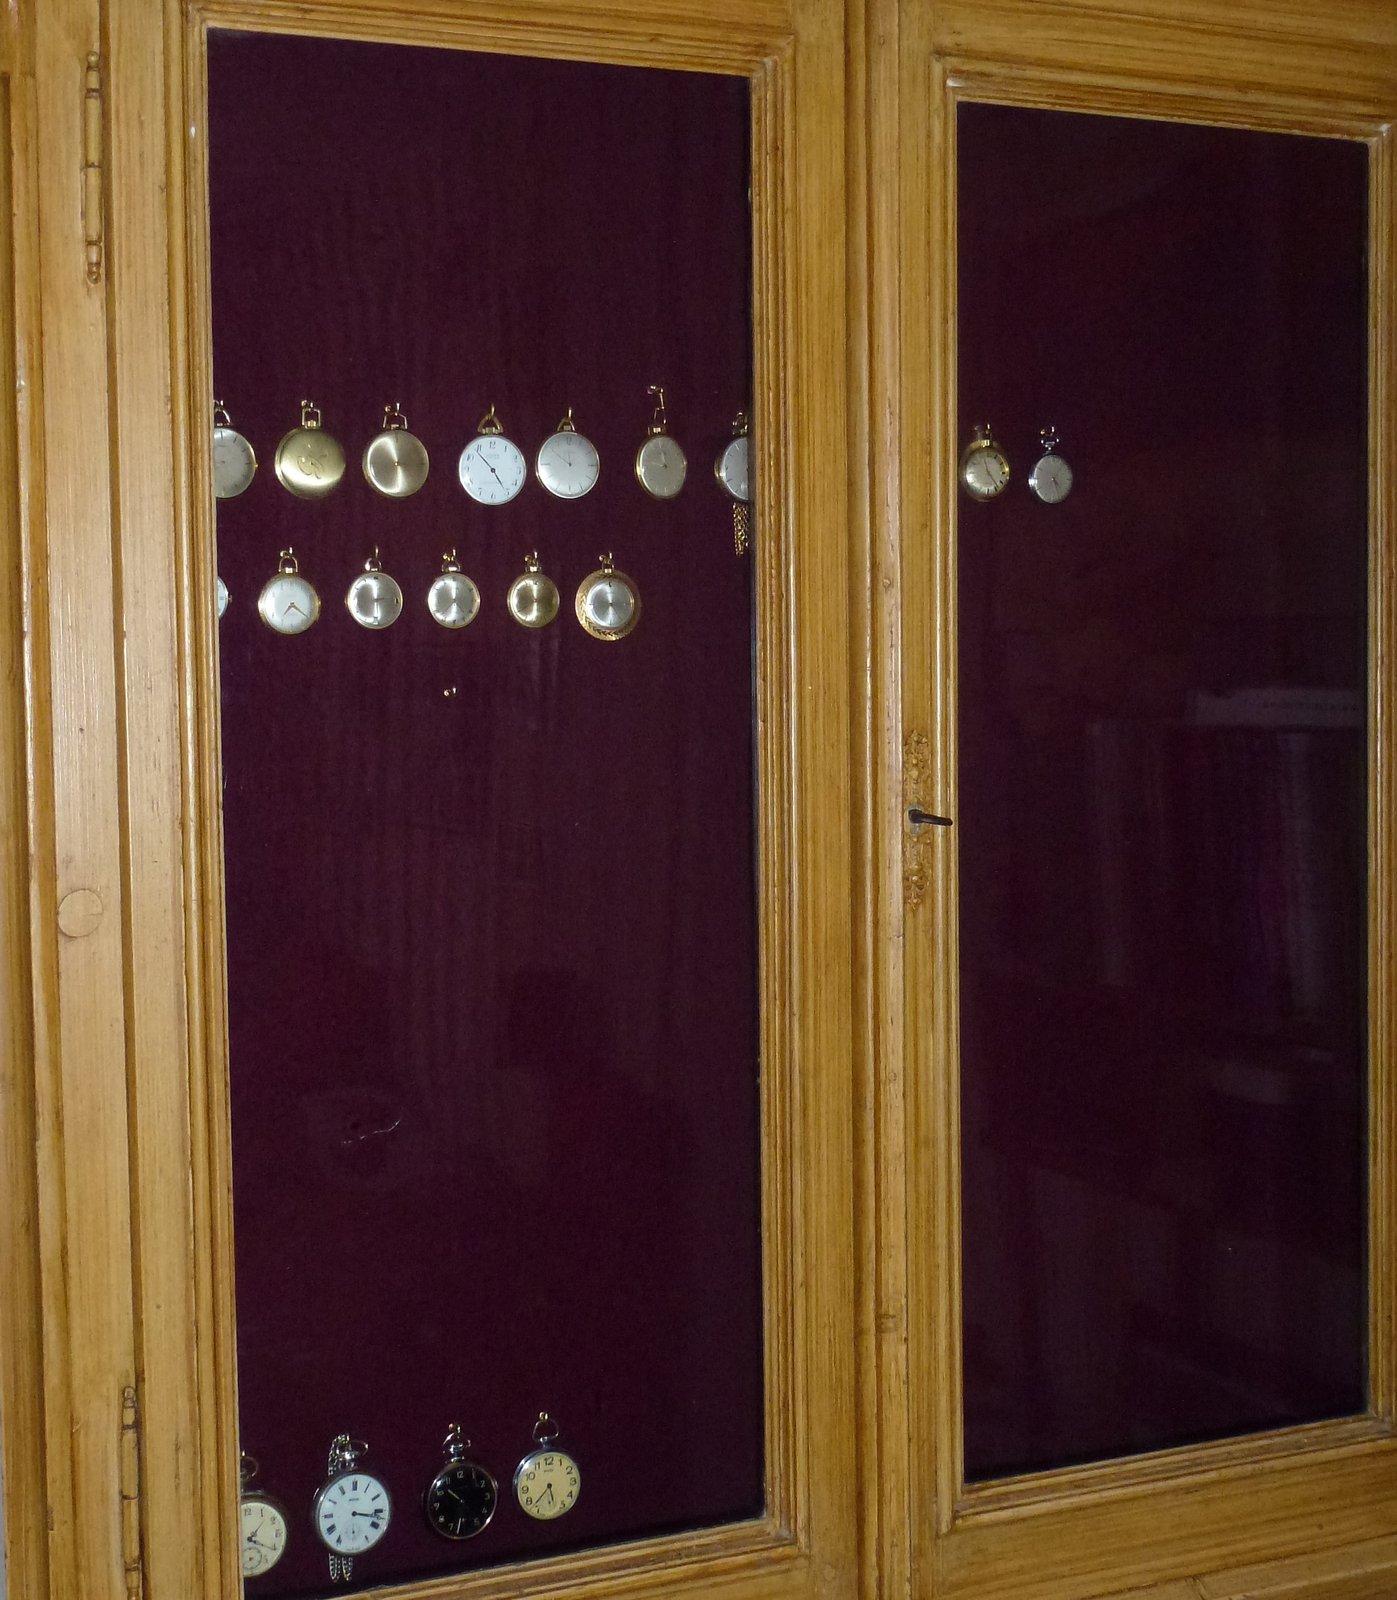 taschenuhrenaufbewahrung wie sehen eure l sungen aus. Black Bedroom Furniture Sets. Home Design Ideas